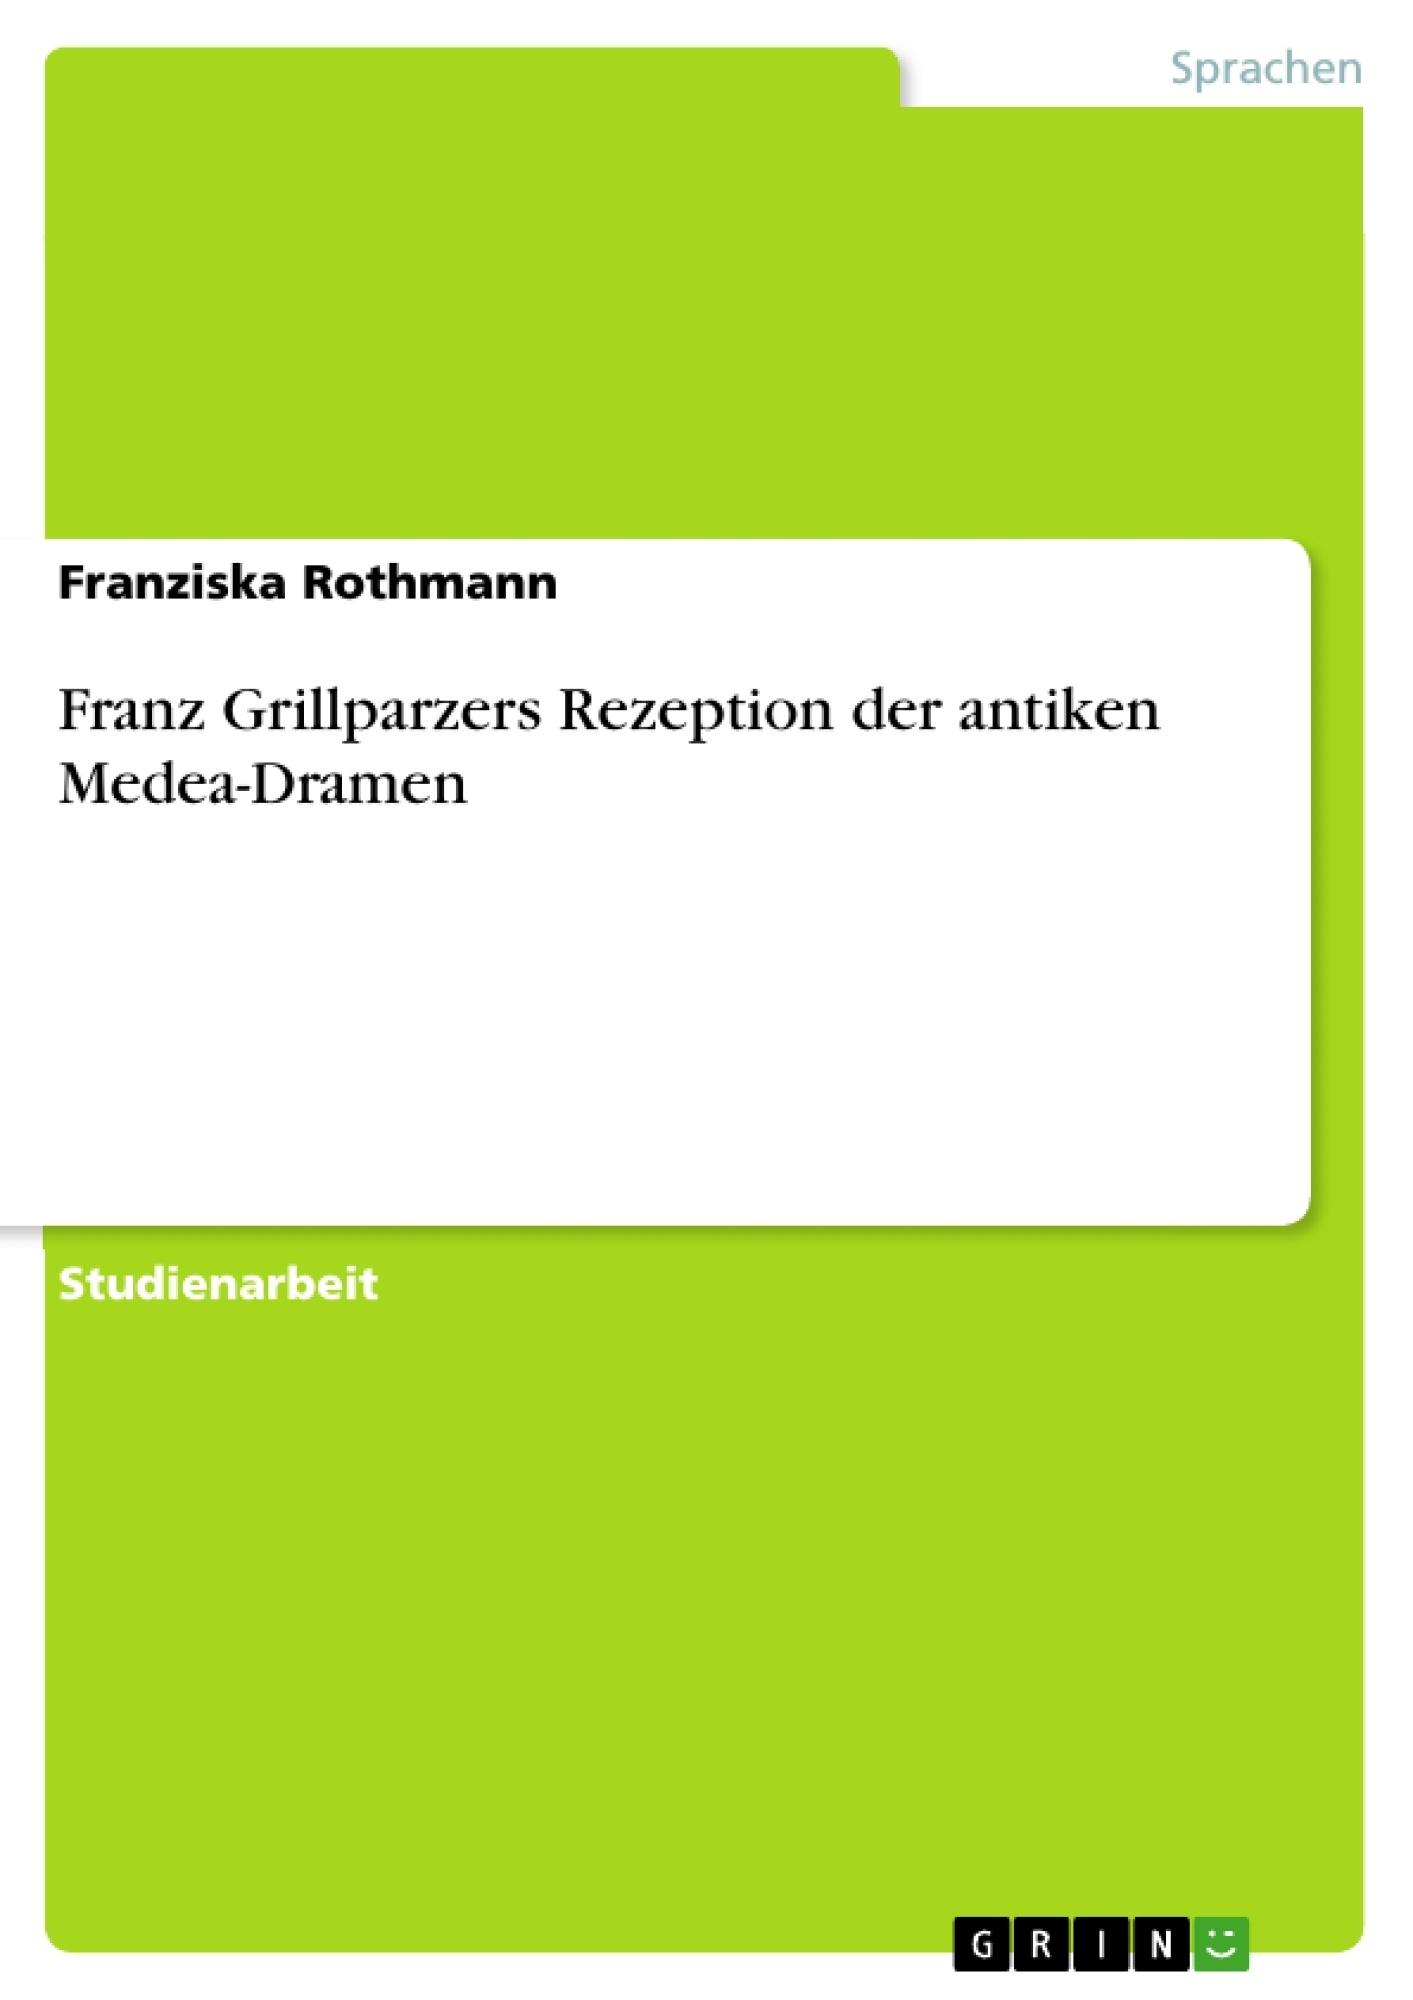 Titel: Franz Grillparzers Rezeption der antiken Medea-Dramen